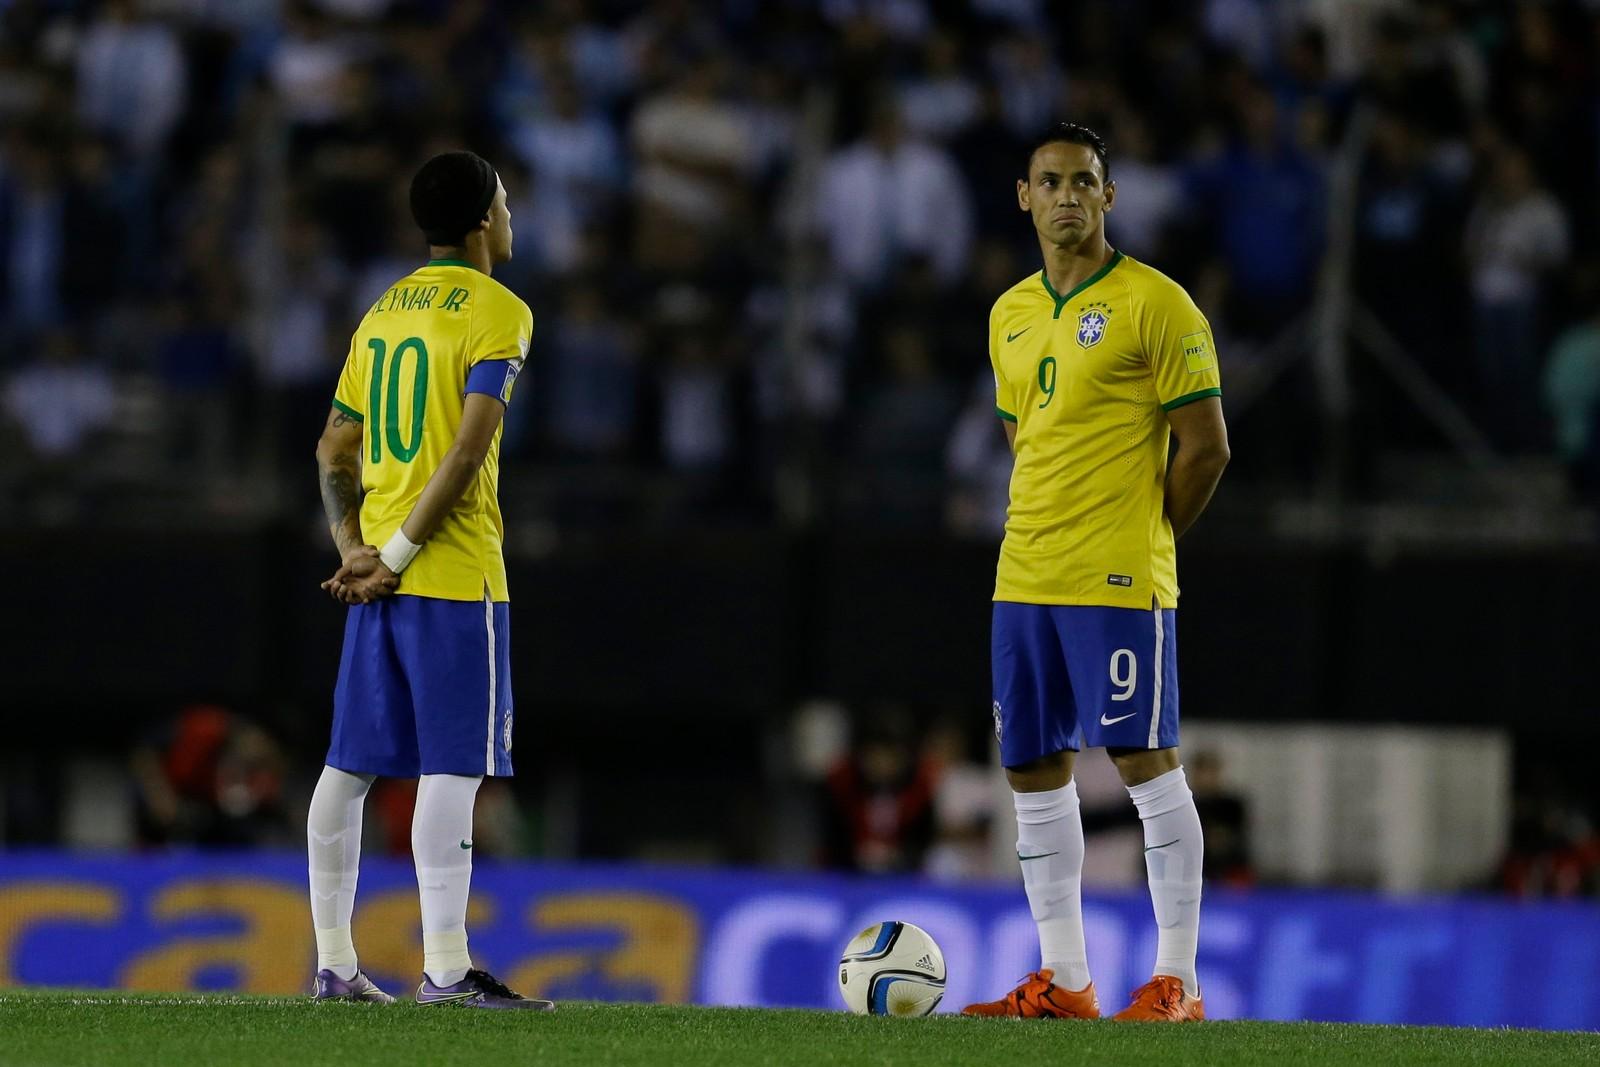 Kampen mellom Argentina og Brasil startet med ett minutts stillhet - til minne for ofrene i Paris. Her med de brasilianske landlagsspillerne Neymar og Ricardo Oliveira.